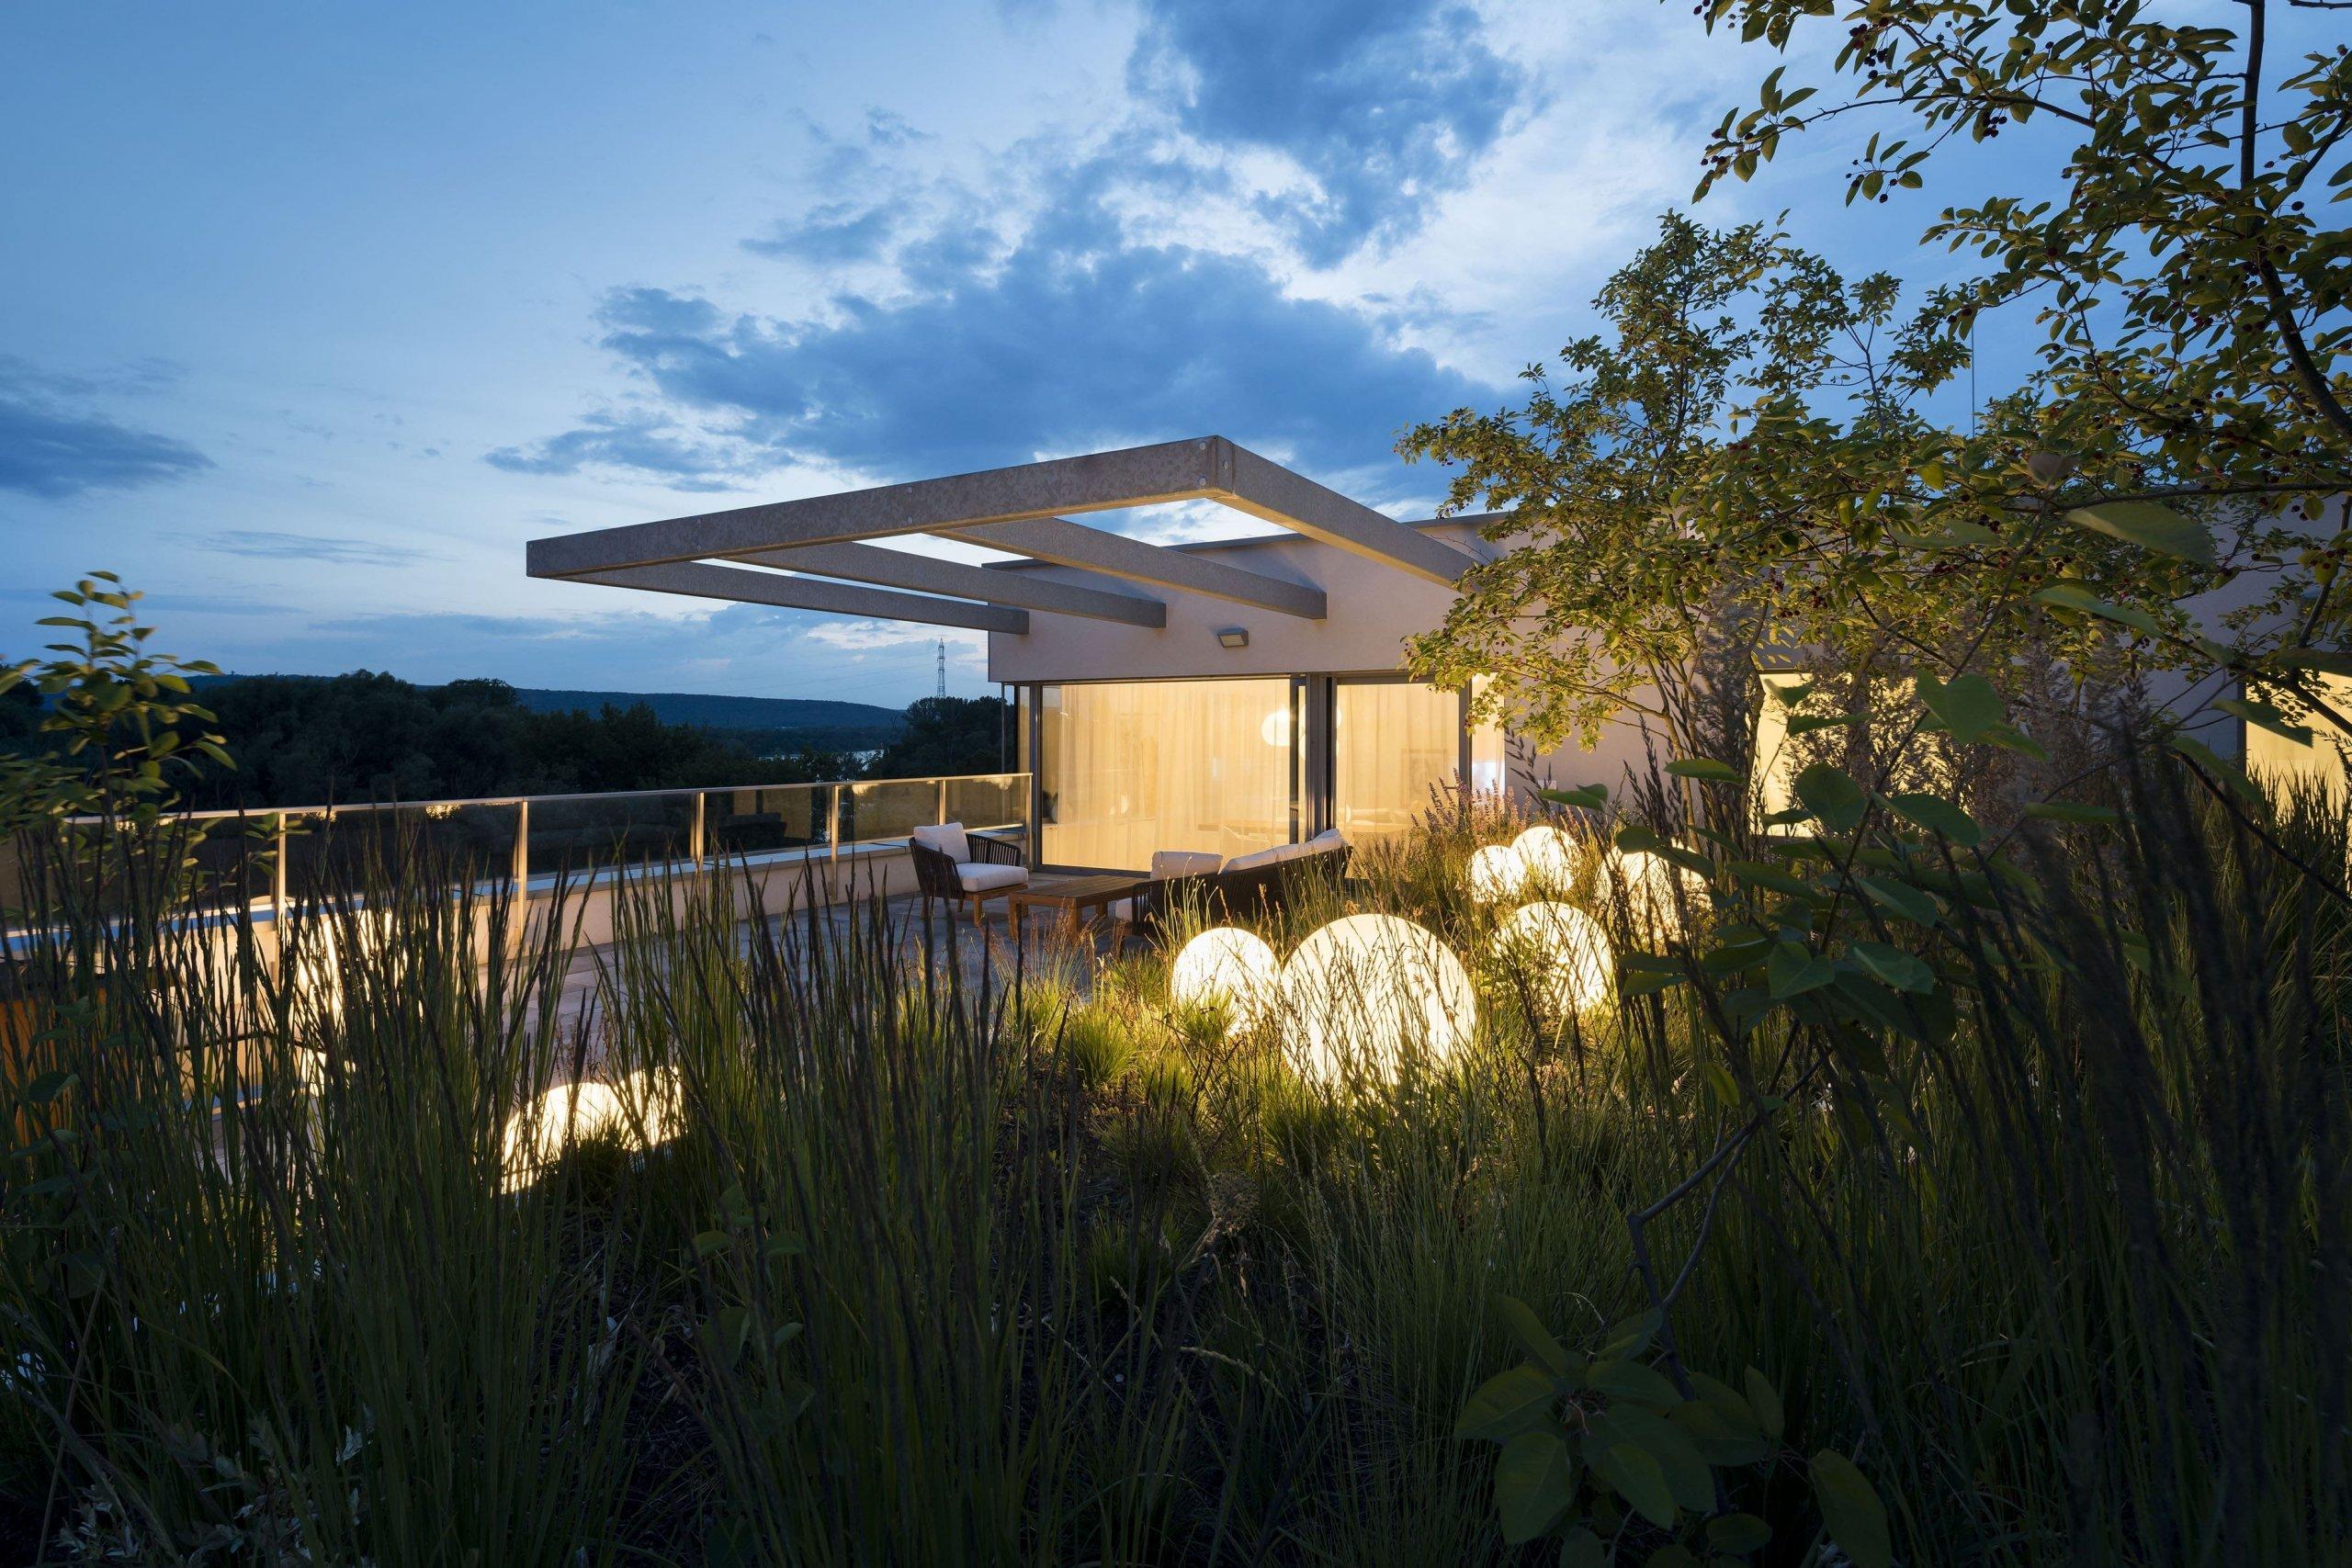 """Bydlení v Karloveská zátoce. Rozsáhlá terasa orientovaná na jihozápad, směrem na dunajské rameno. Výhled na vodní hladinu a přírodní scenérii, s možností procházky ve vlastní """"zahrádce"""". Nejde o rodinný dům, ale o byt v nejvyšším podlaží rezidenčního komplexu, s atraktivní polohou v rámci města."""